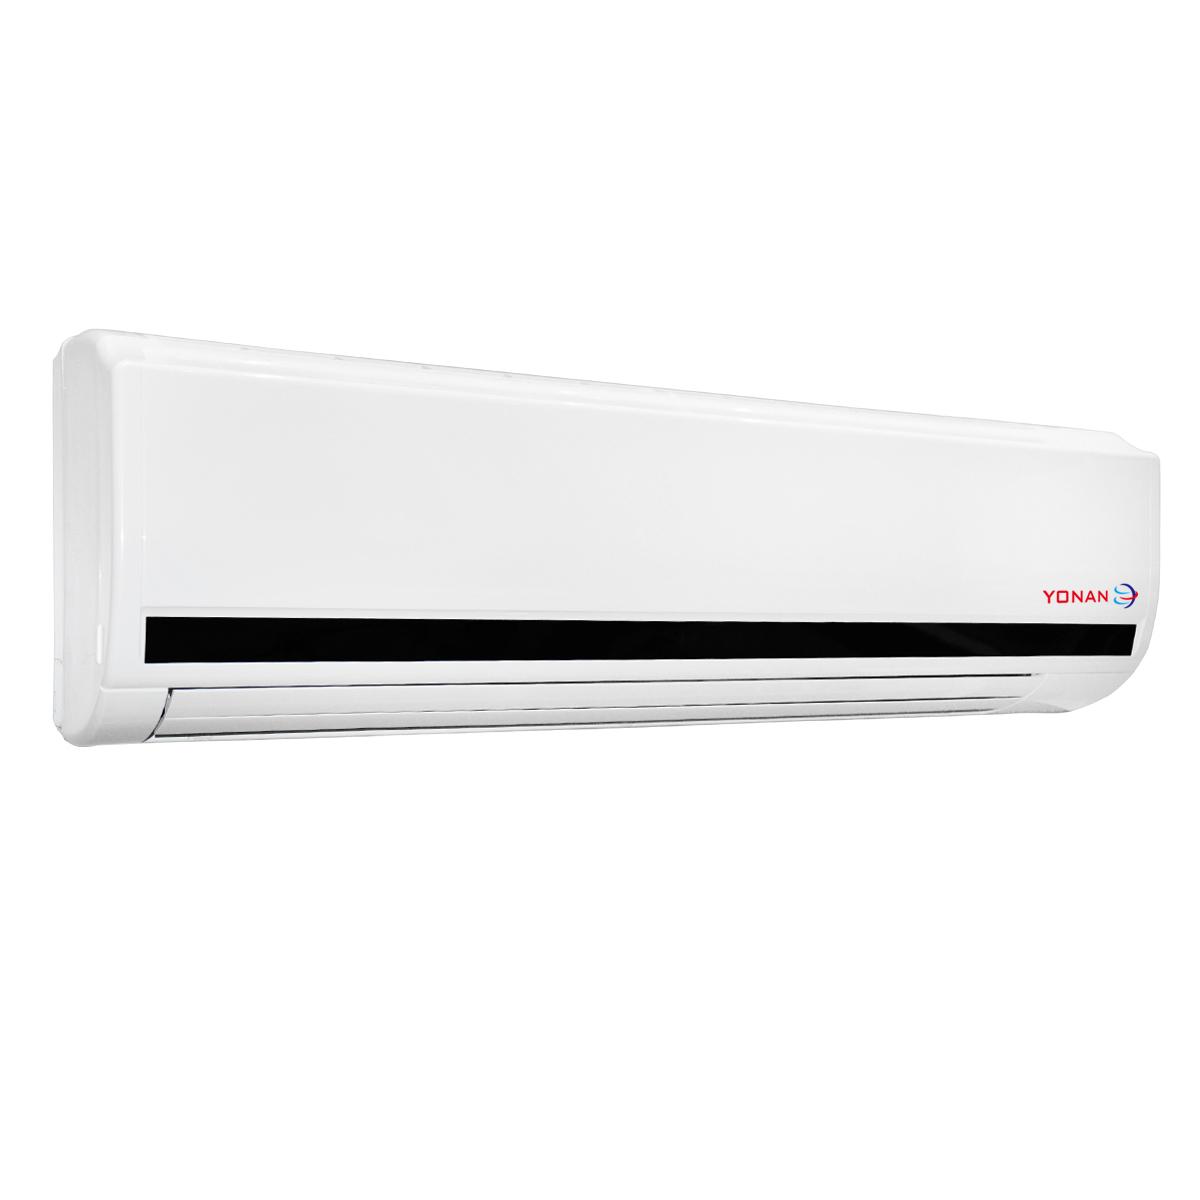 AIR CONDITIONER Split Air Conditioner 24000 BTU